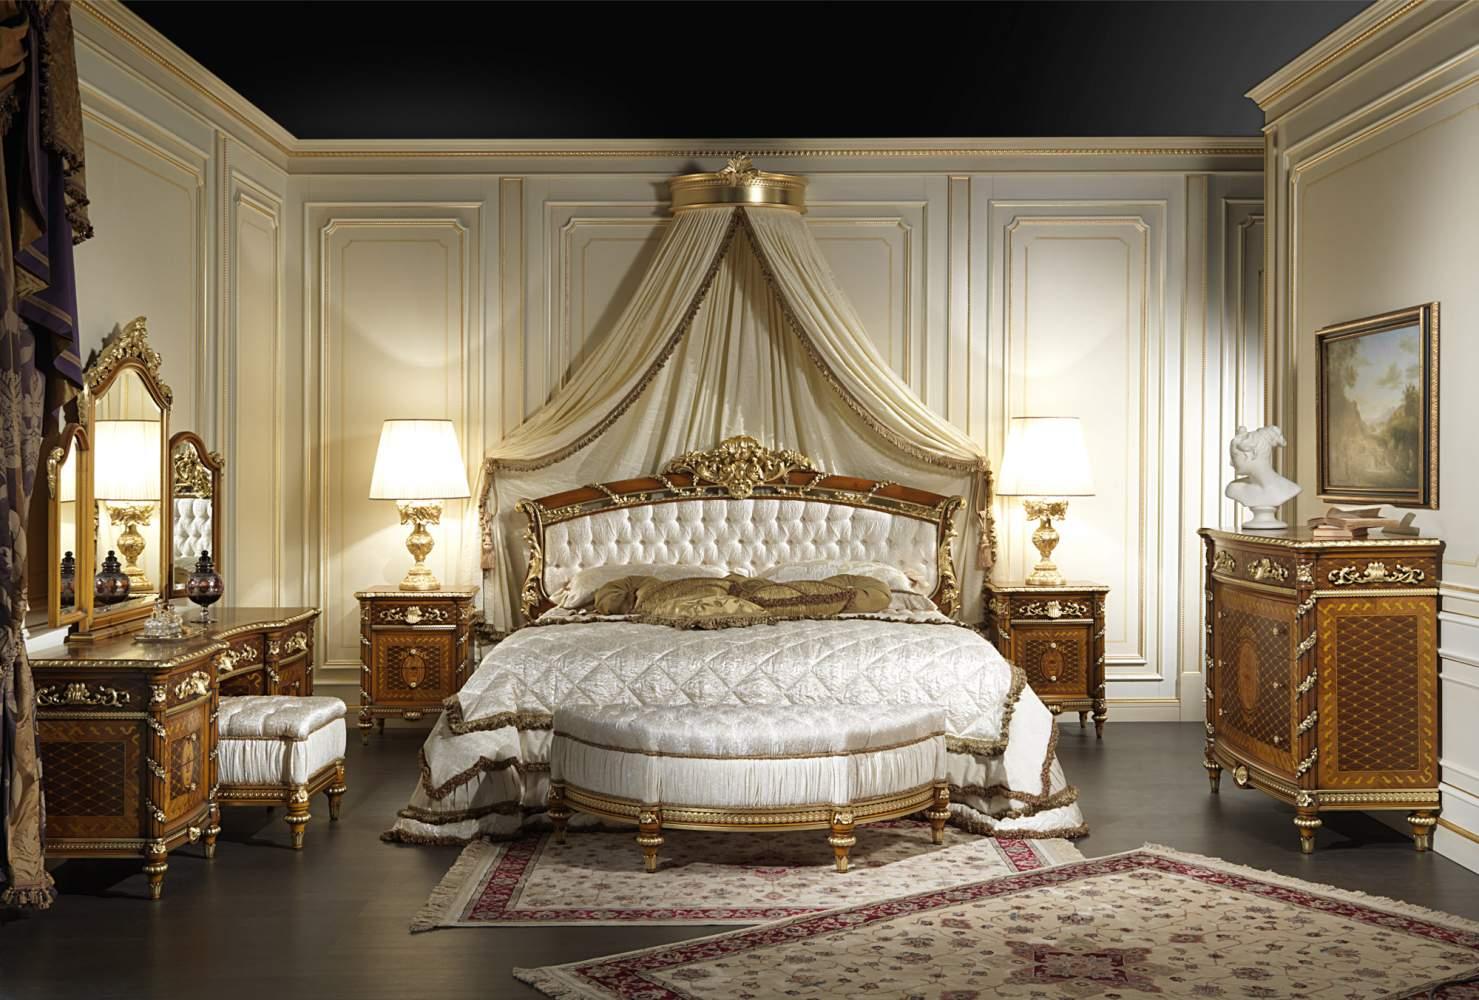 Camera da letto in noce Luigi XVI Noce e Intarsi con letto, comodini, comò e toilette in noce intarsiato e intagliato